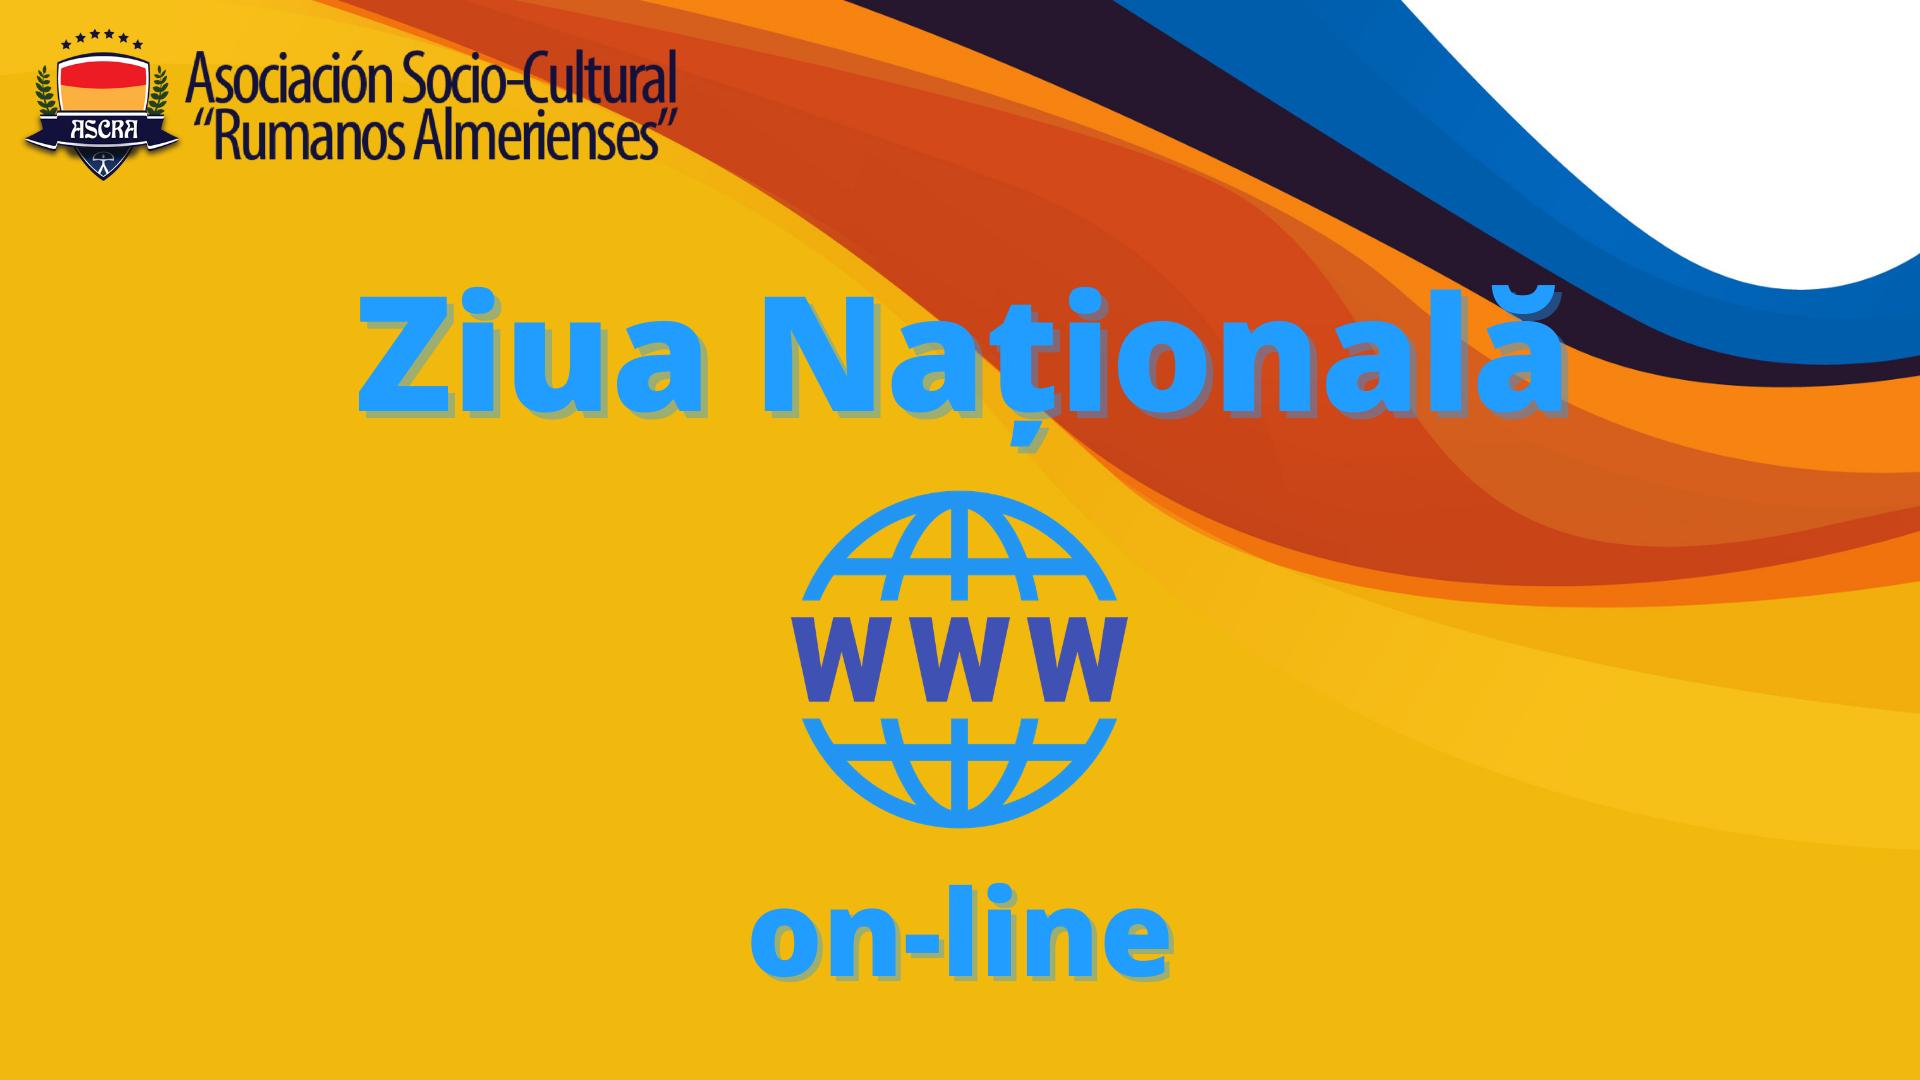 1 decembrie Ziua Națională on-line